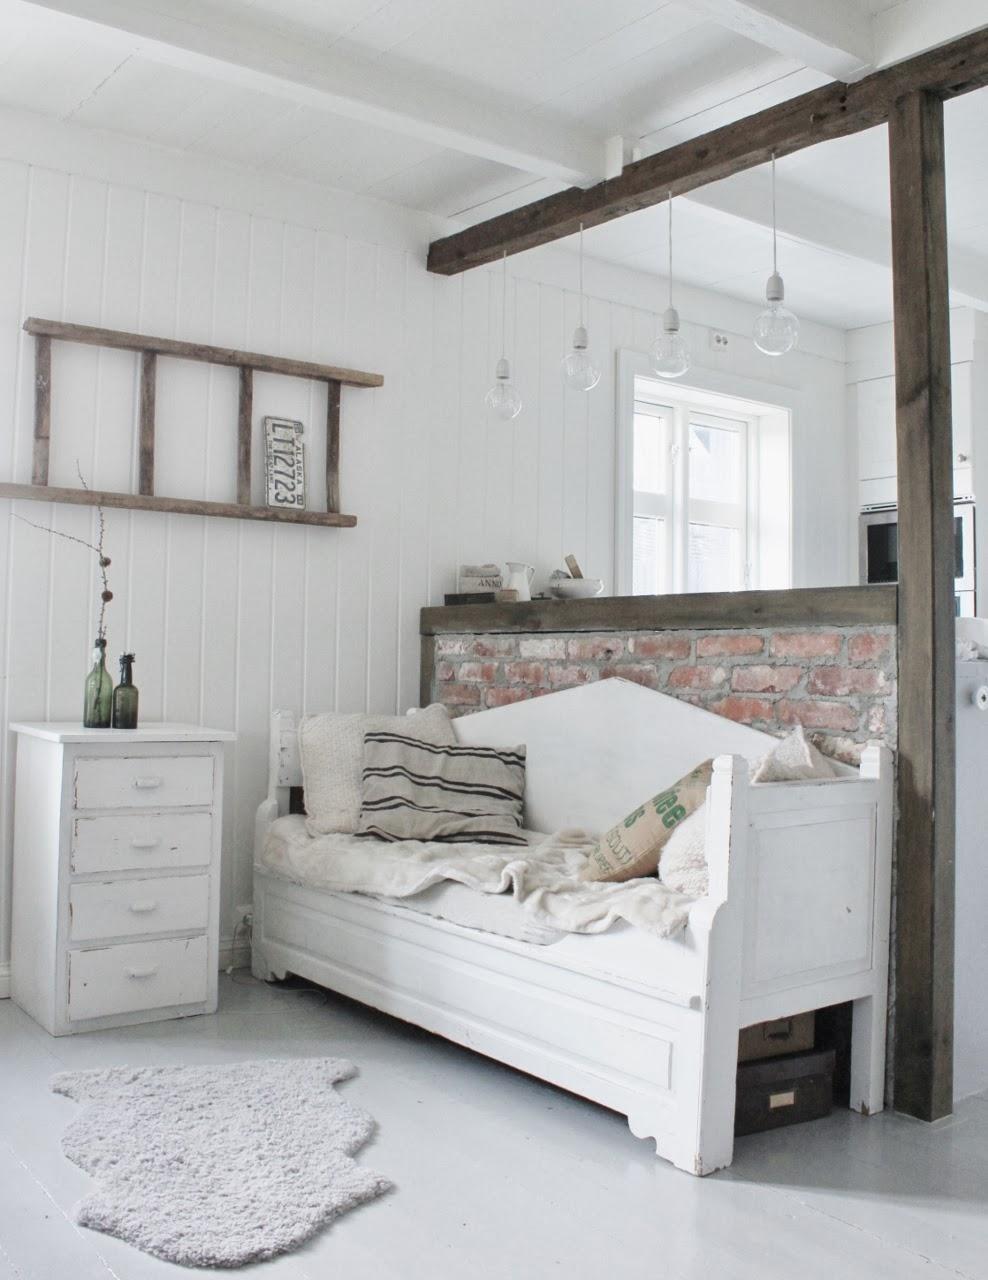 Moderne woonkamer voorbeelden en inspiratie tg wonen woonmagazine - Moderne eetkamer en woonkamer ...